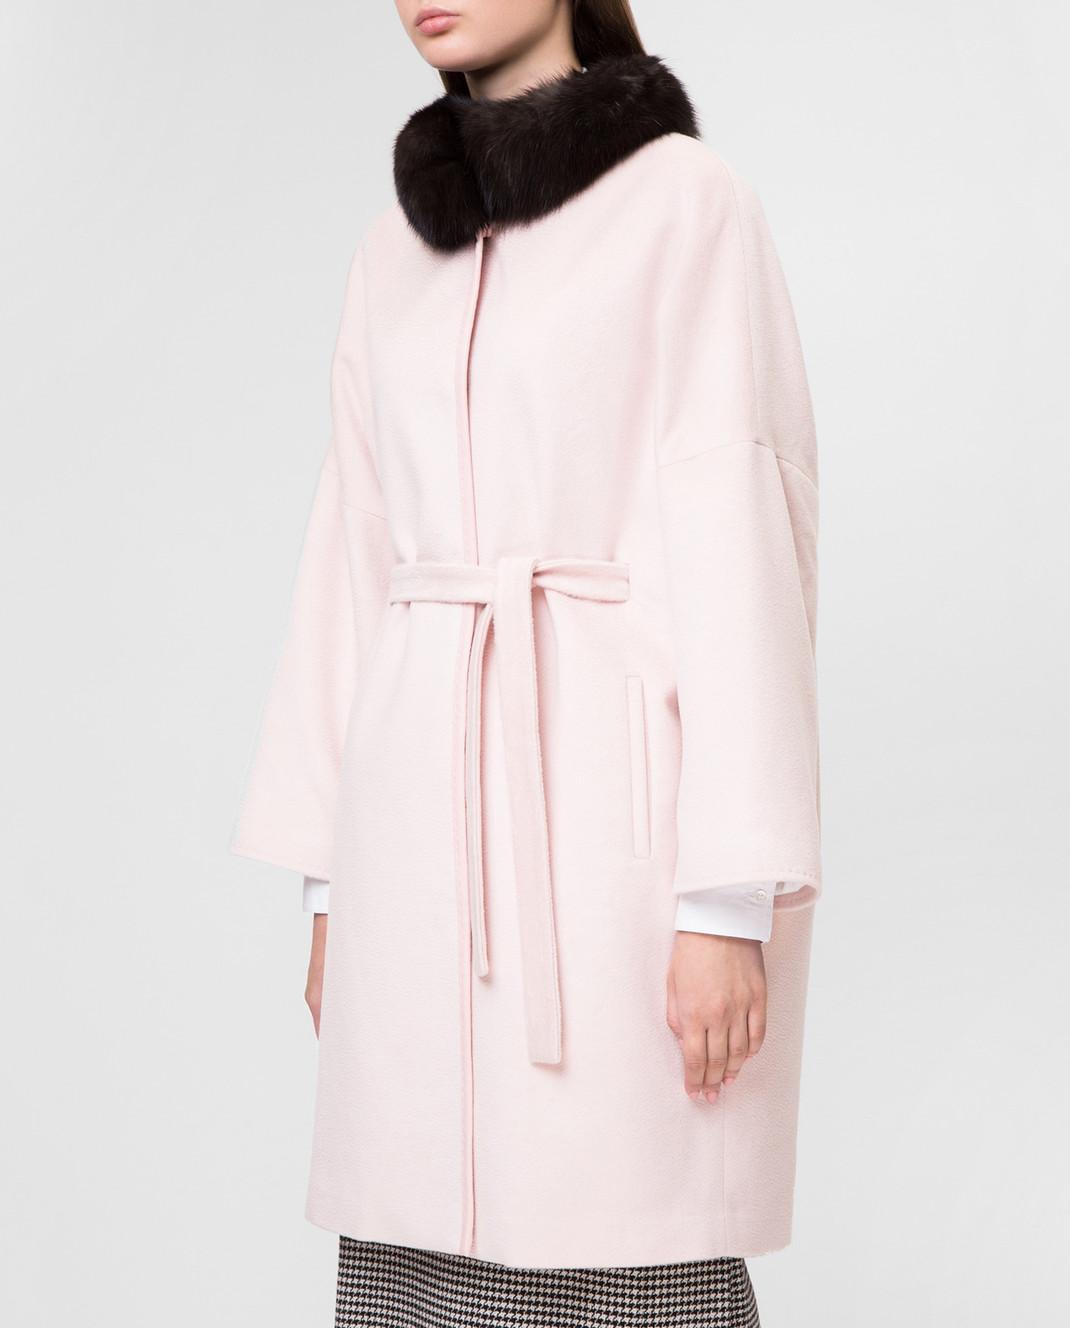 Real Furs House Пудровое пальто CSR7177 изображение 3